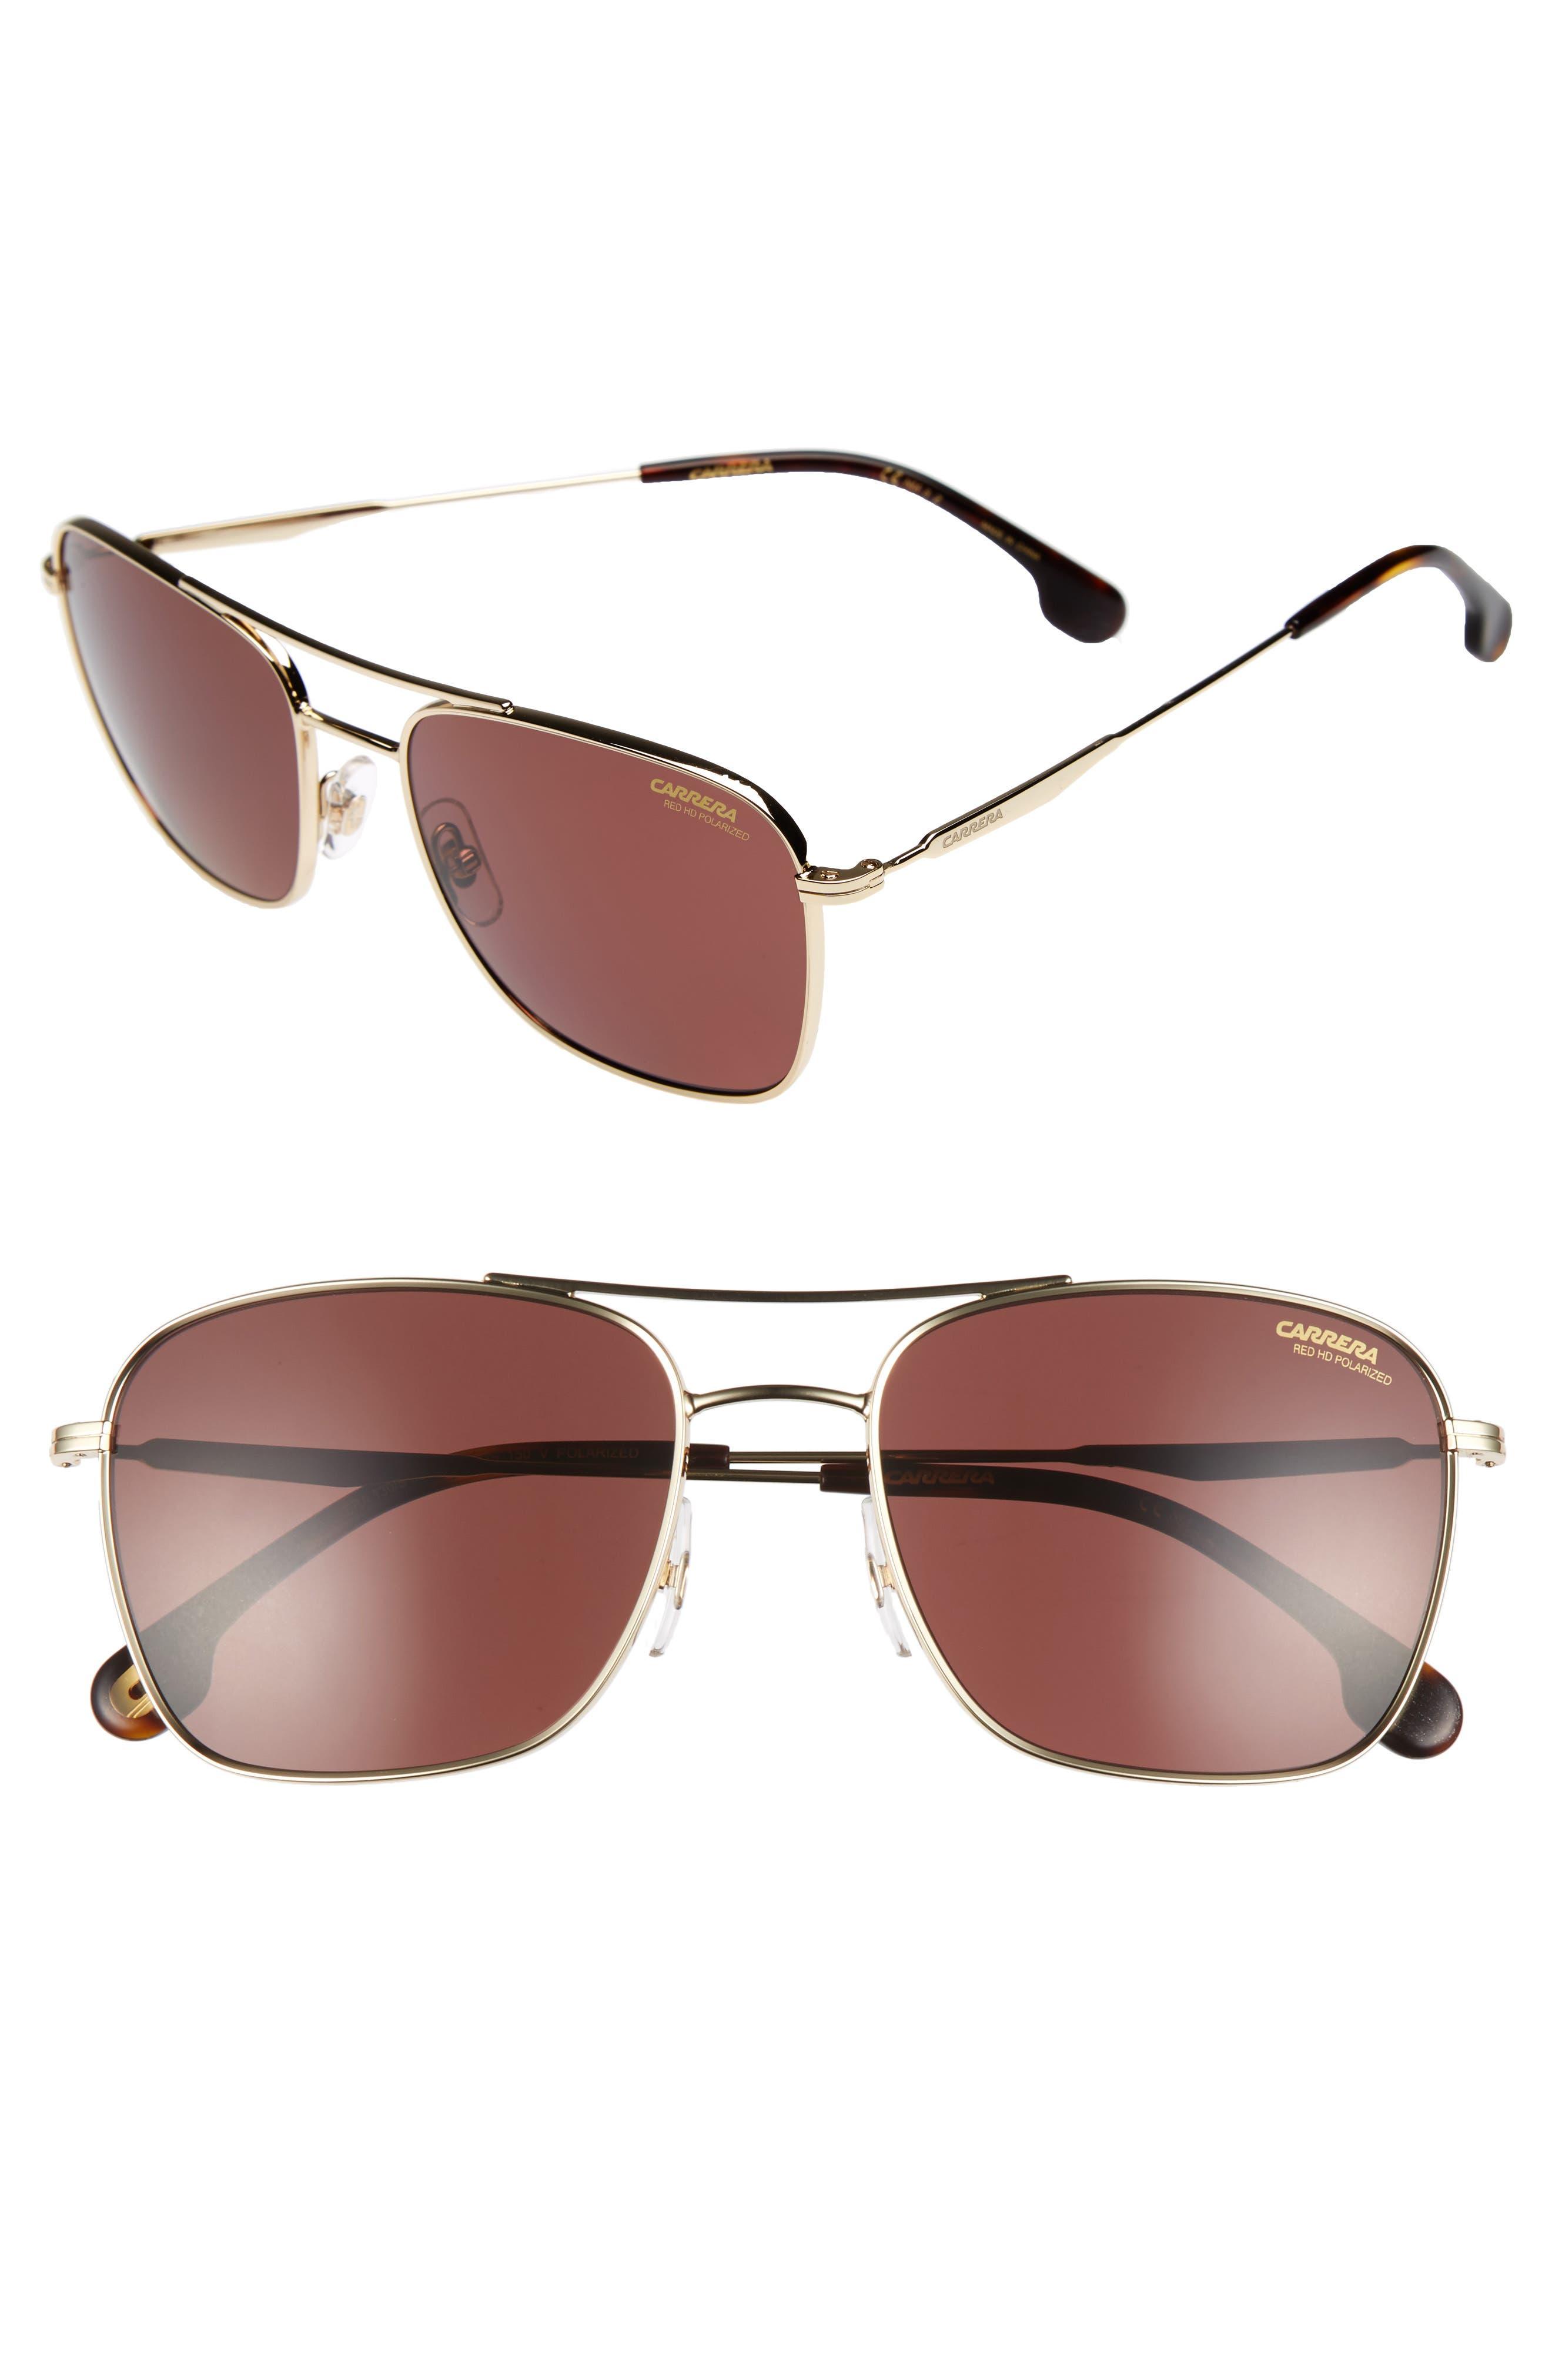 Alternate Image 1 Selected - Carrera Eyewear 58m Polarized Sunglasses